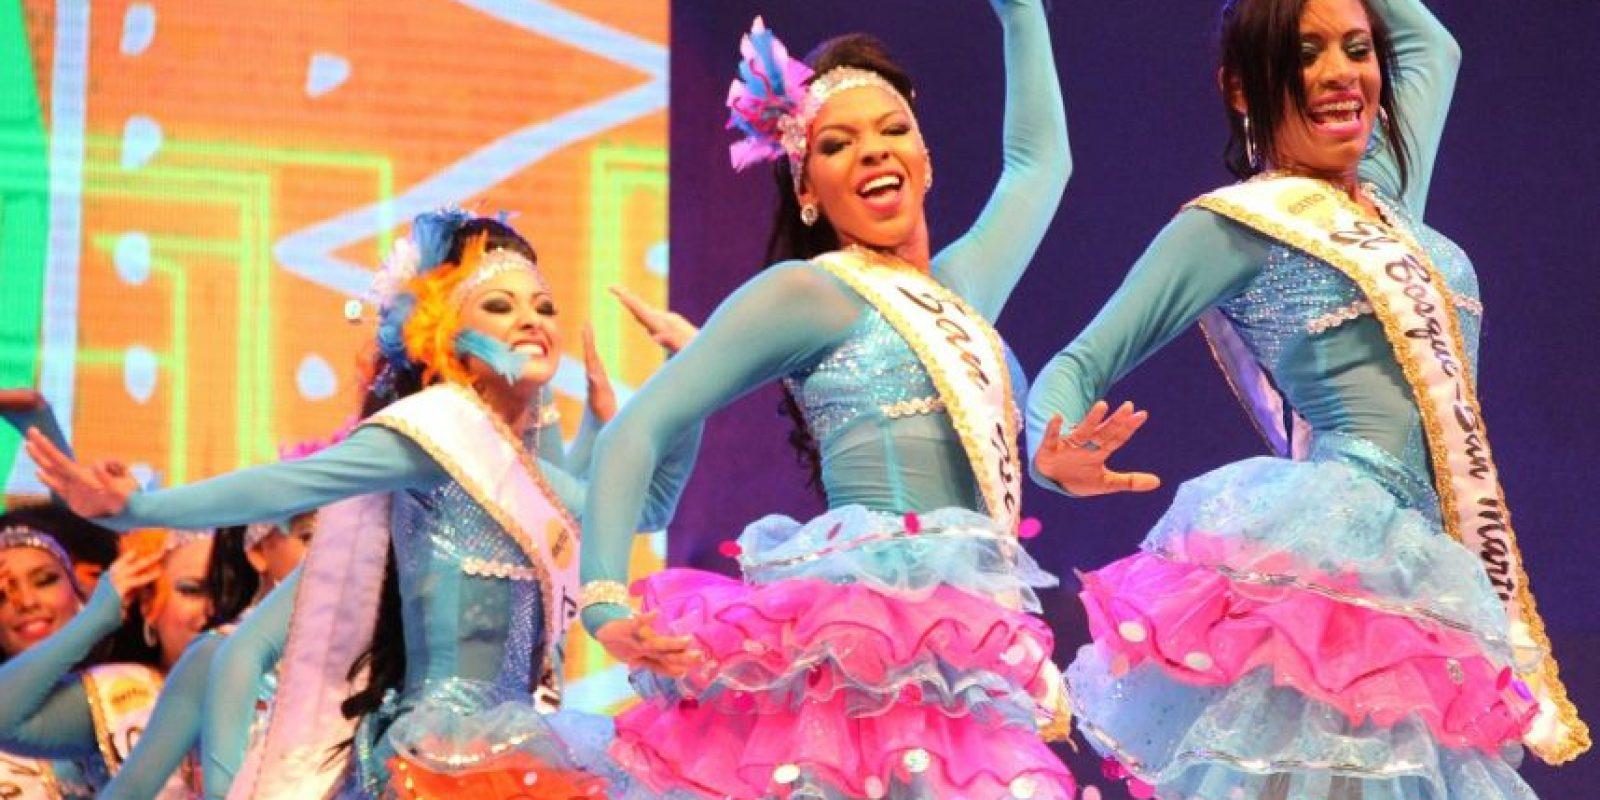 Las 30 concursantes tambien bailaron los ritmos de moda. Foto:Carnaval S.A.